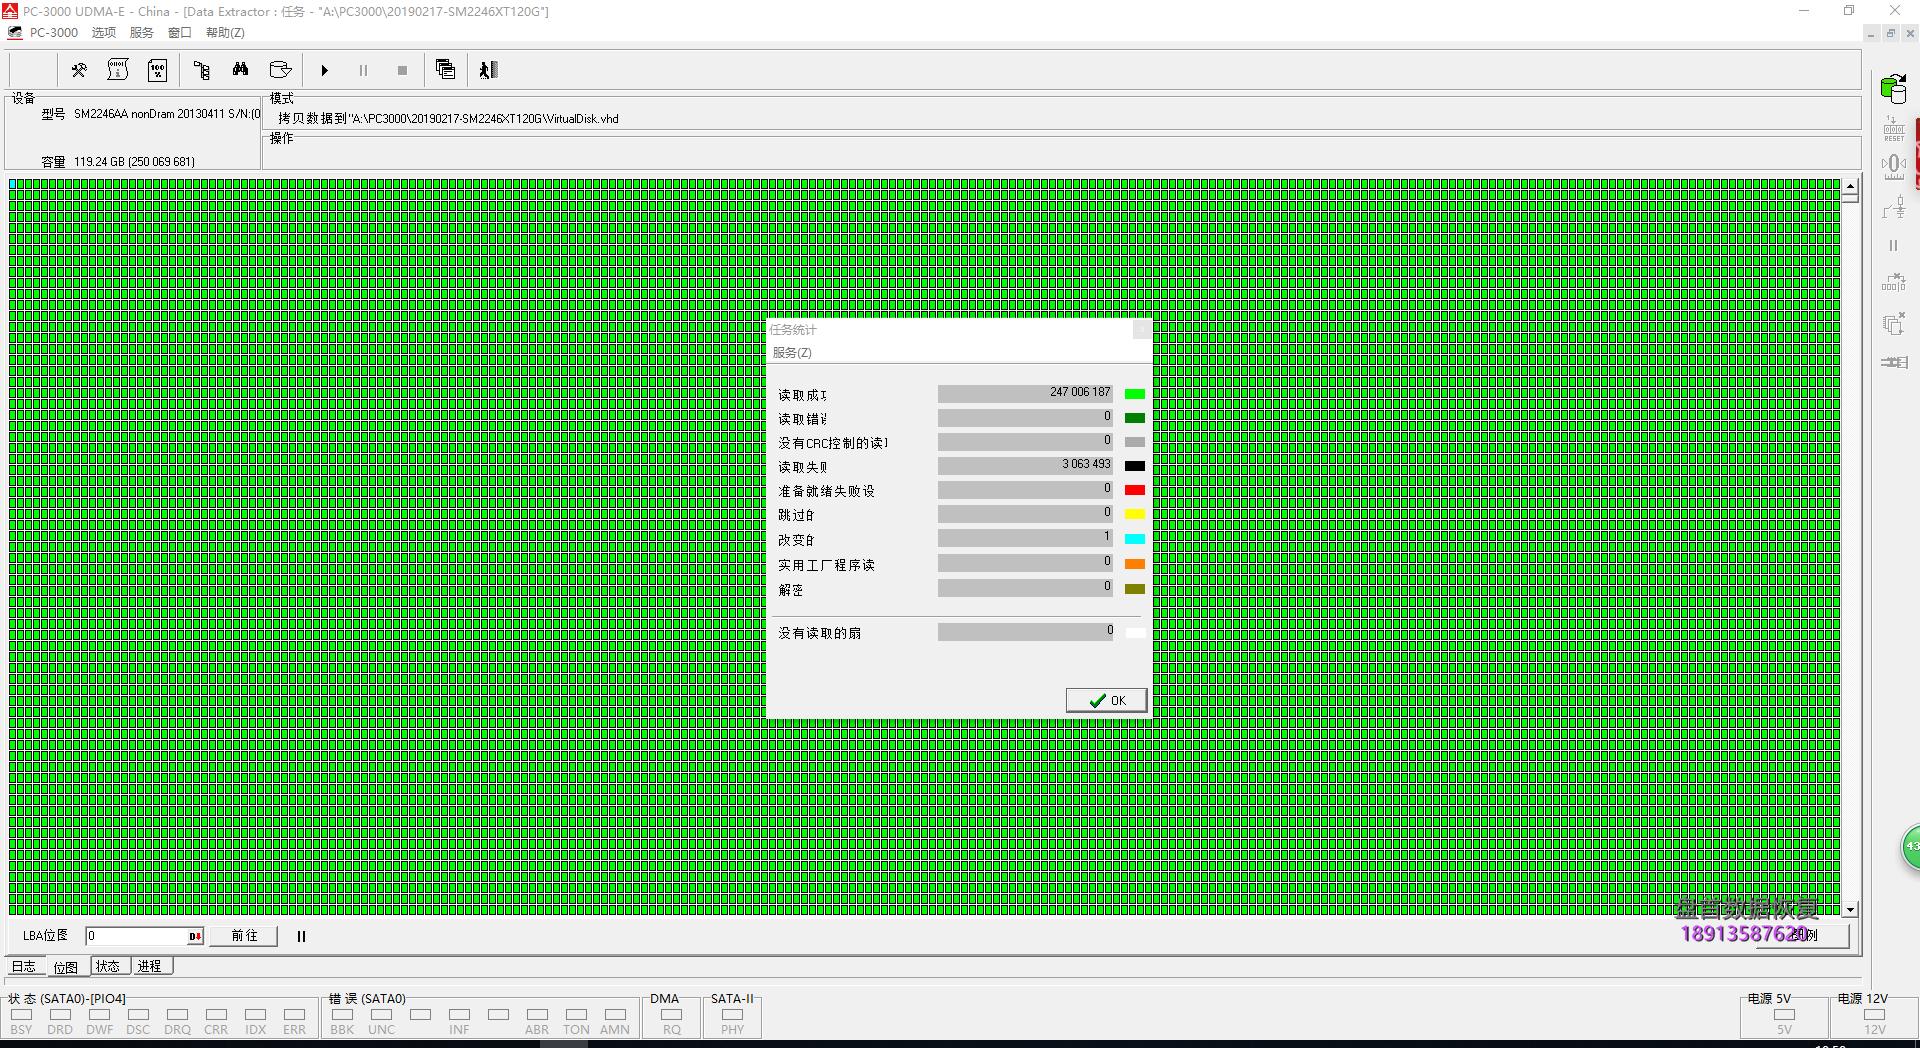 0-7 创久128G固态硬盘掉盘无法识别SM2246XT主控使用PC3000 SSD数据恢复成功